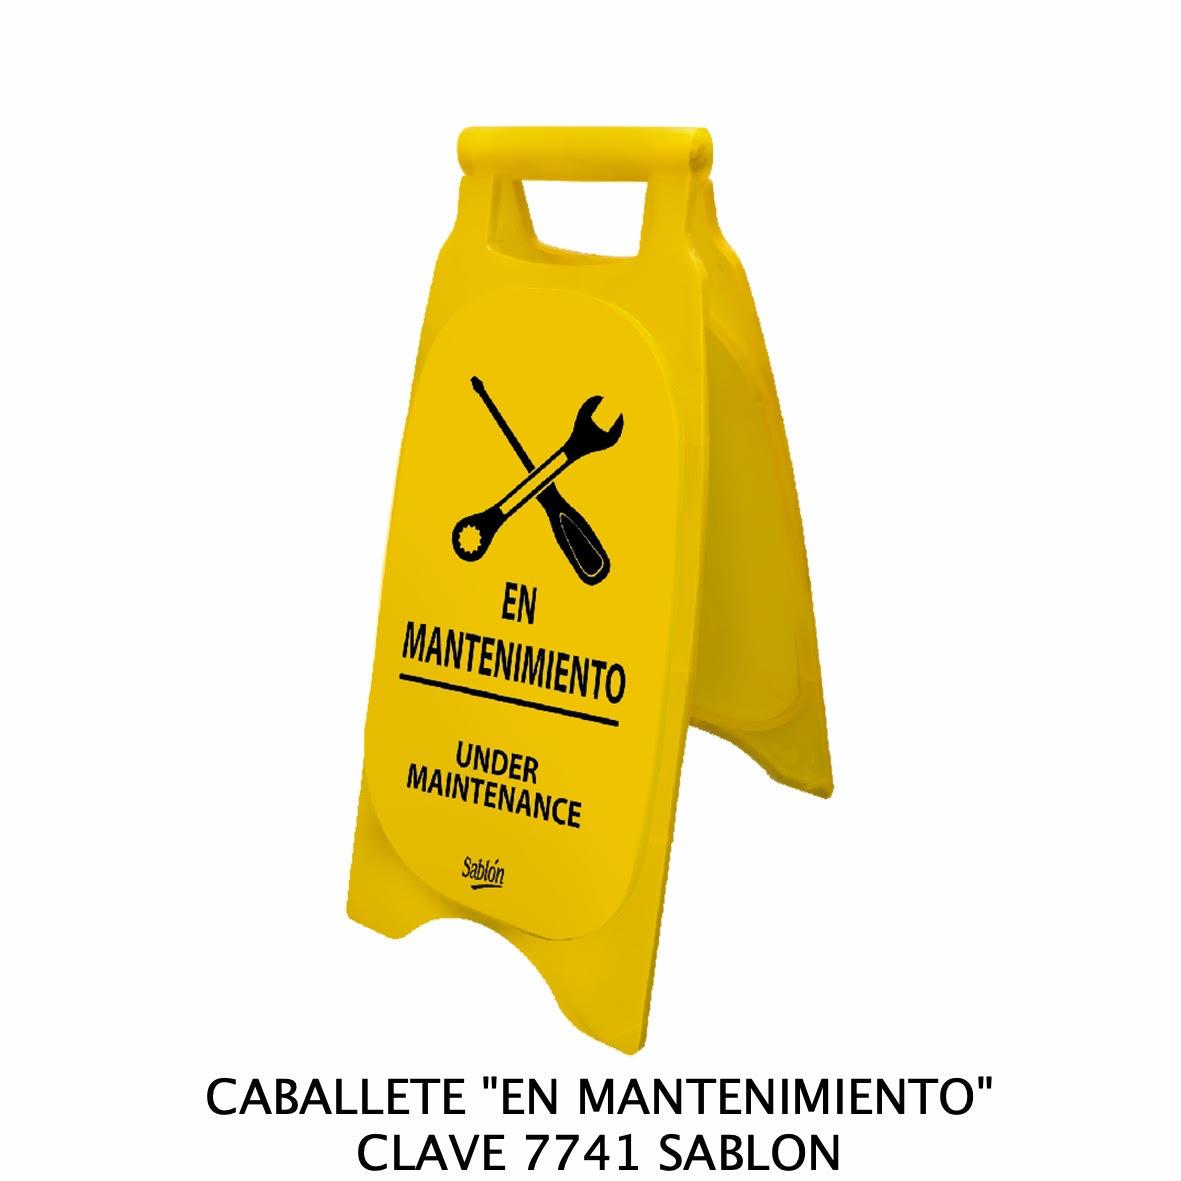 Caballete con señal en mantenimiento Clave 7741 de Sablón